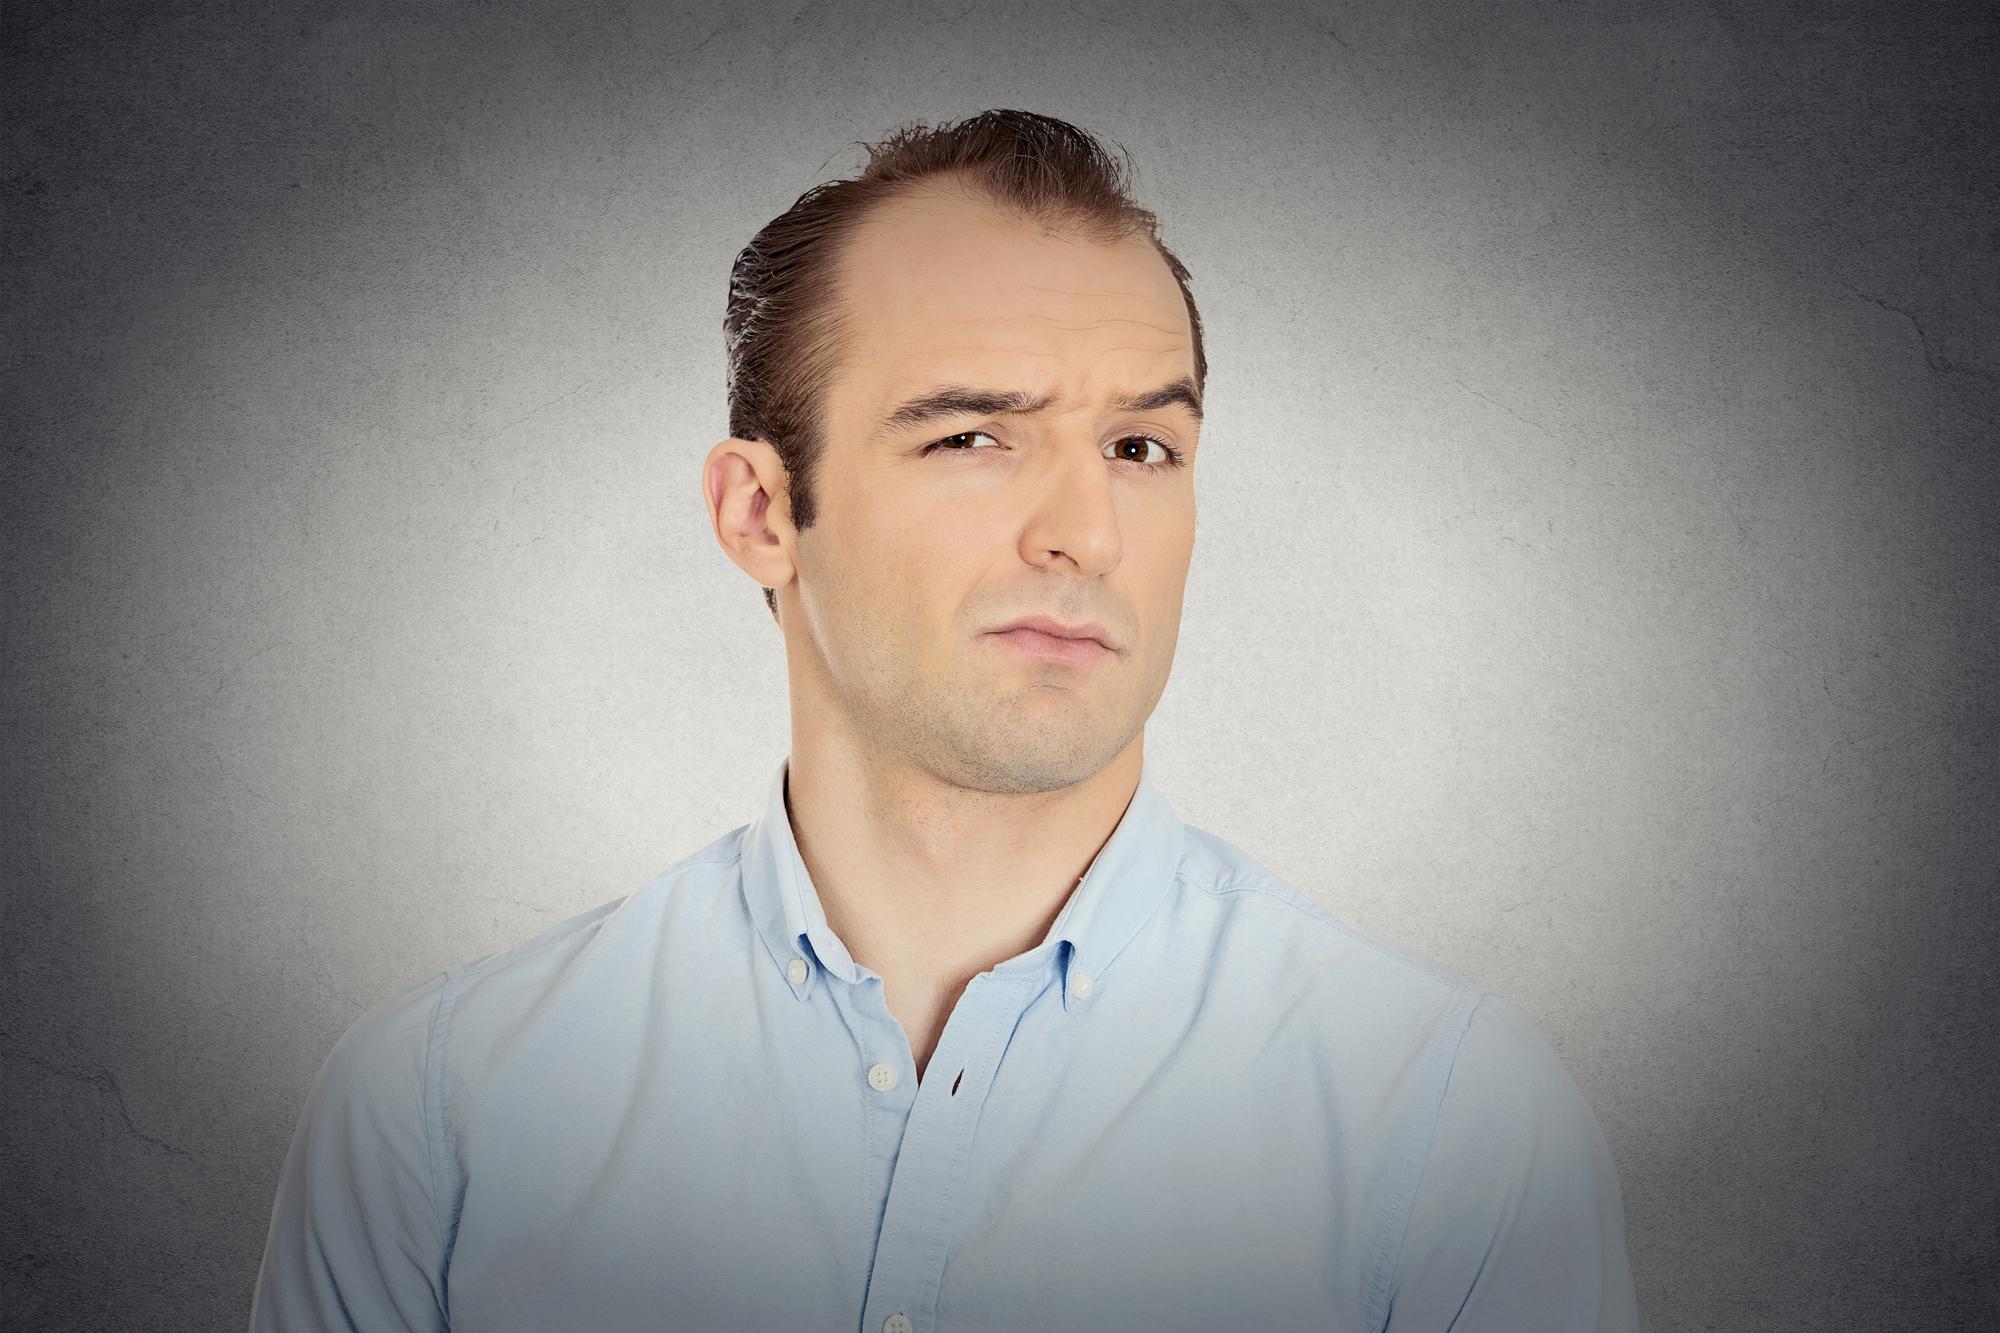 unfair-assumptions-about-your-spouse